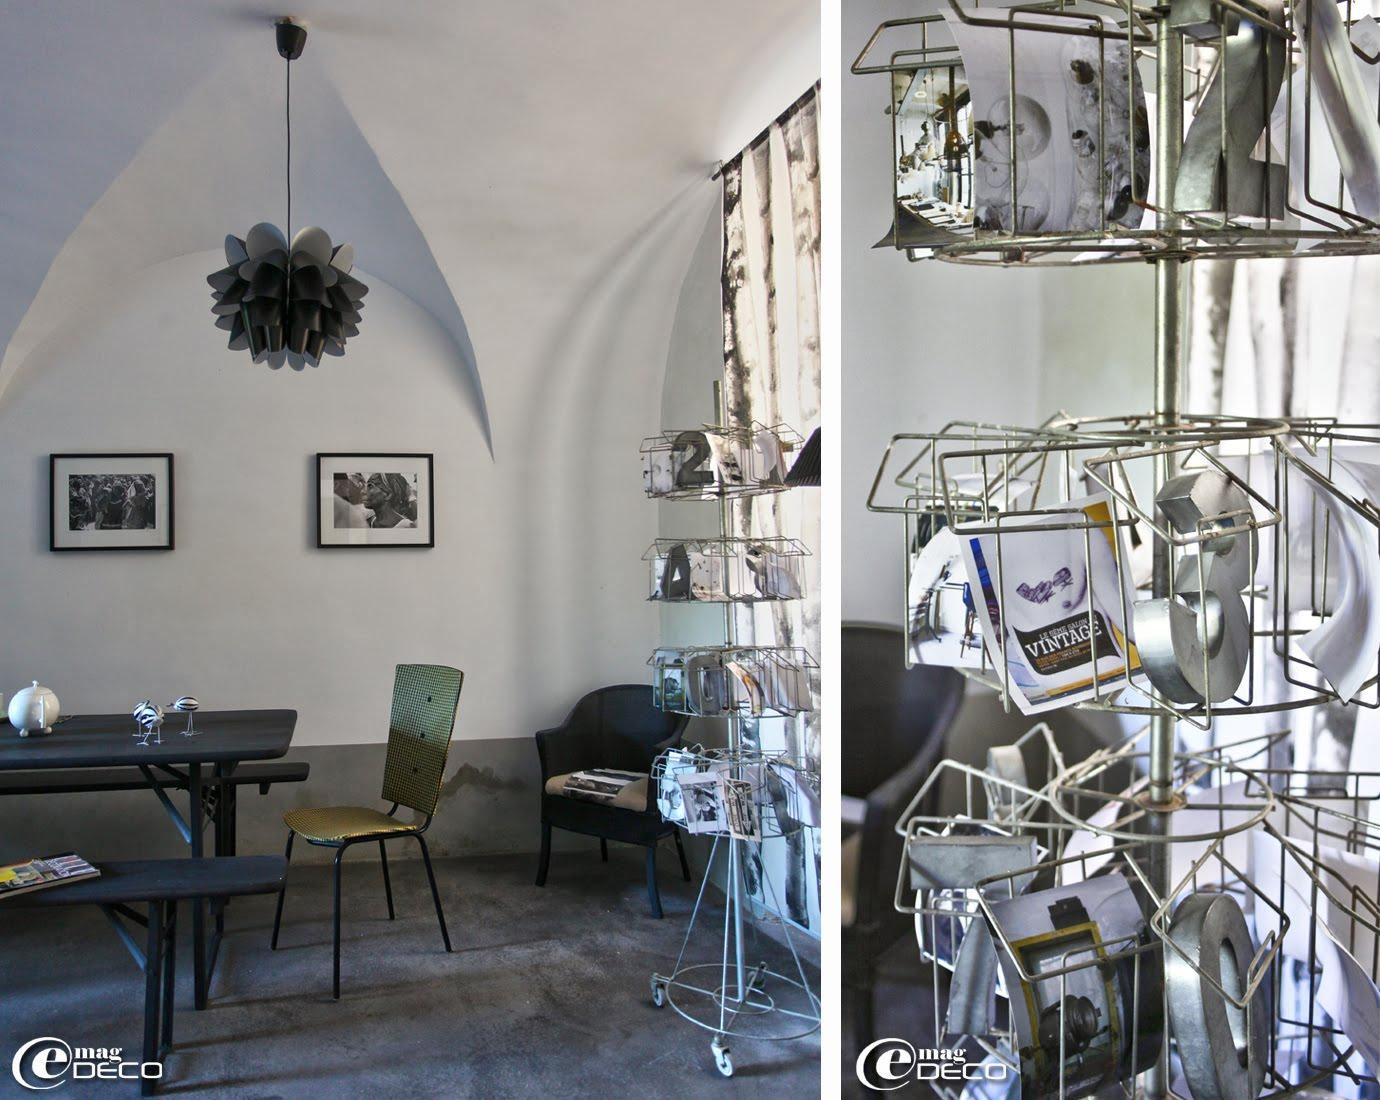 Plafonnier Knappa signé Brylle/Jacobsen chez Ikea, présentoir tourniquet à cartes postales et table pliante dans la la maison d'hôtes 'Les Nomades Baroques' à Barjac